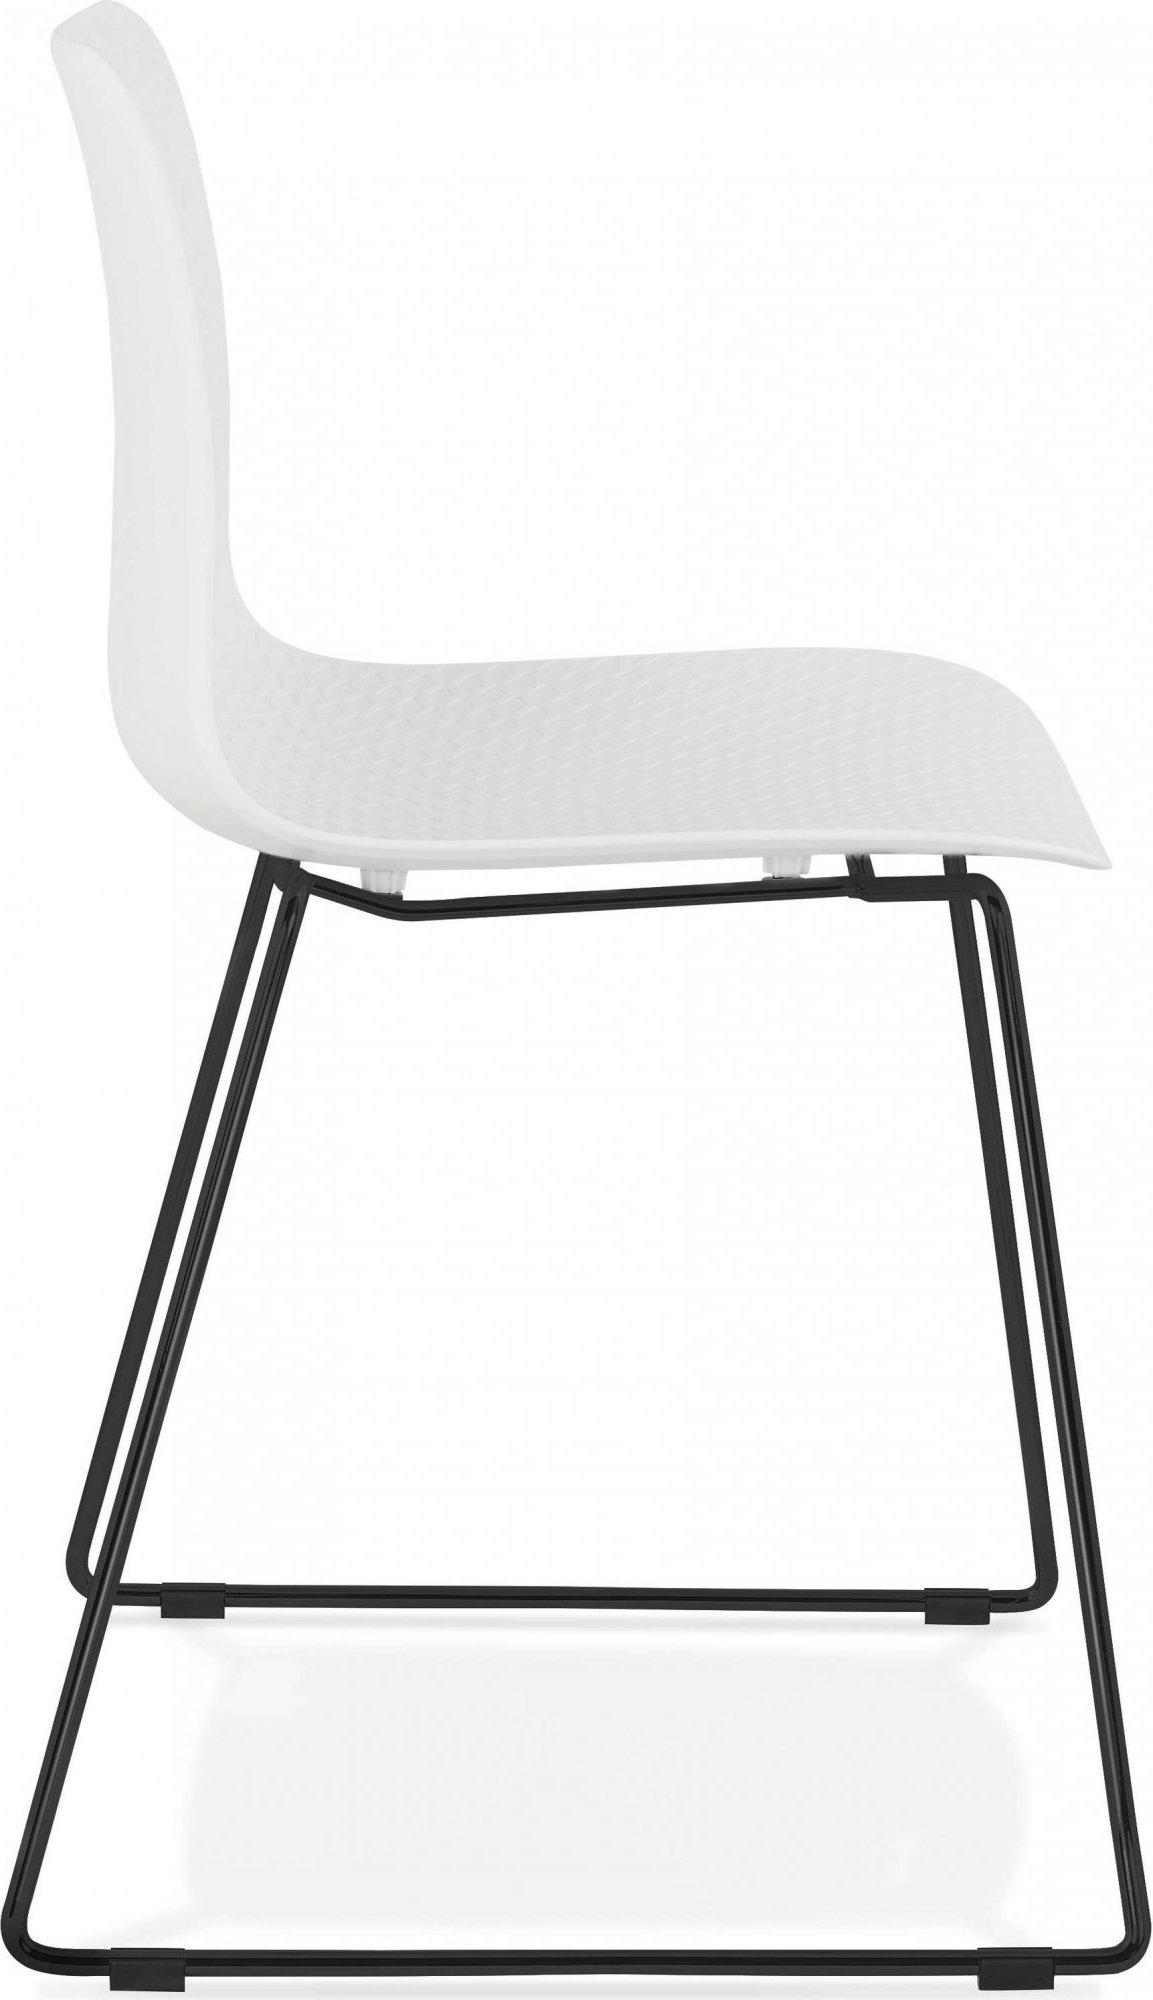 Chaise de table design assise couleur blanc pietement noir